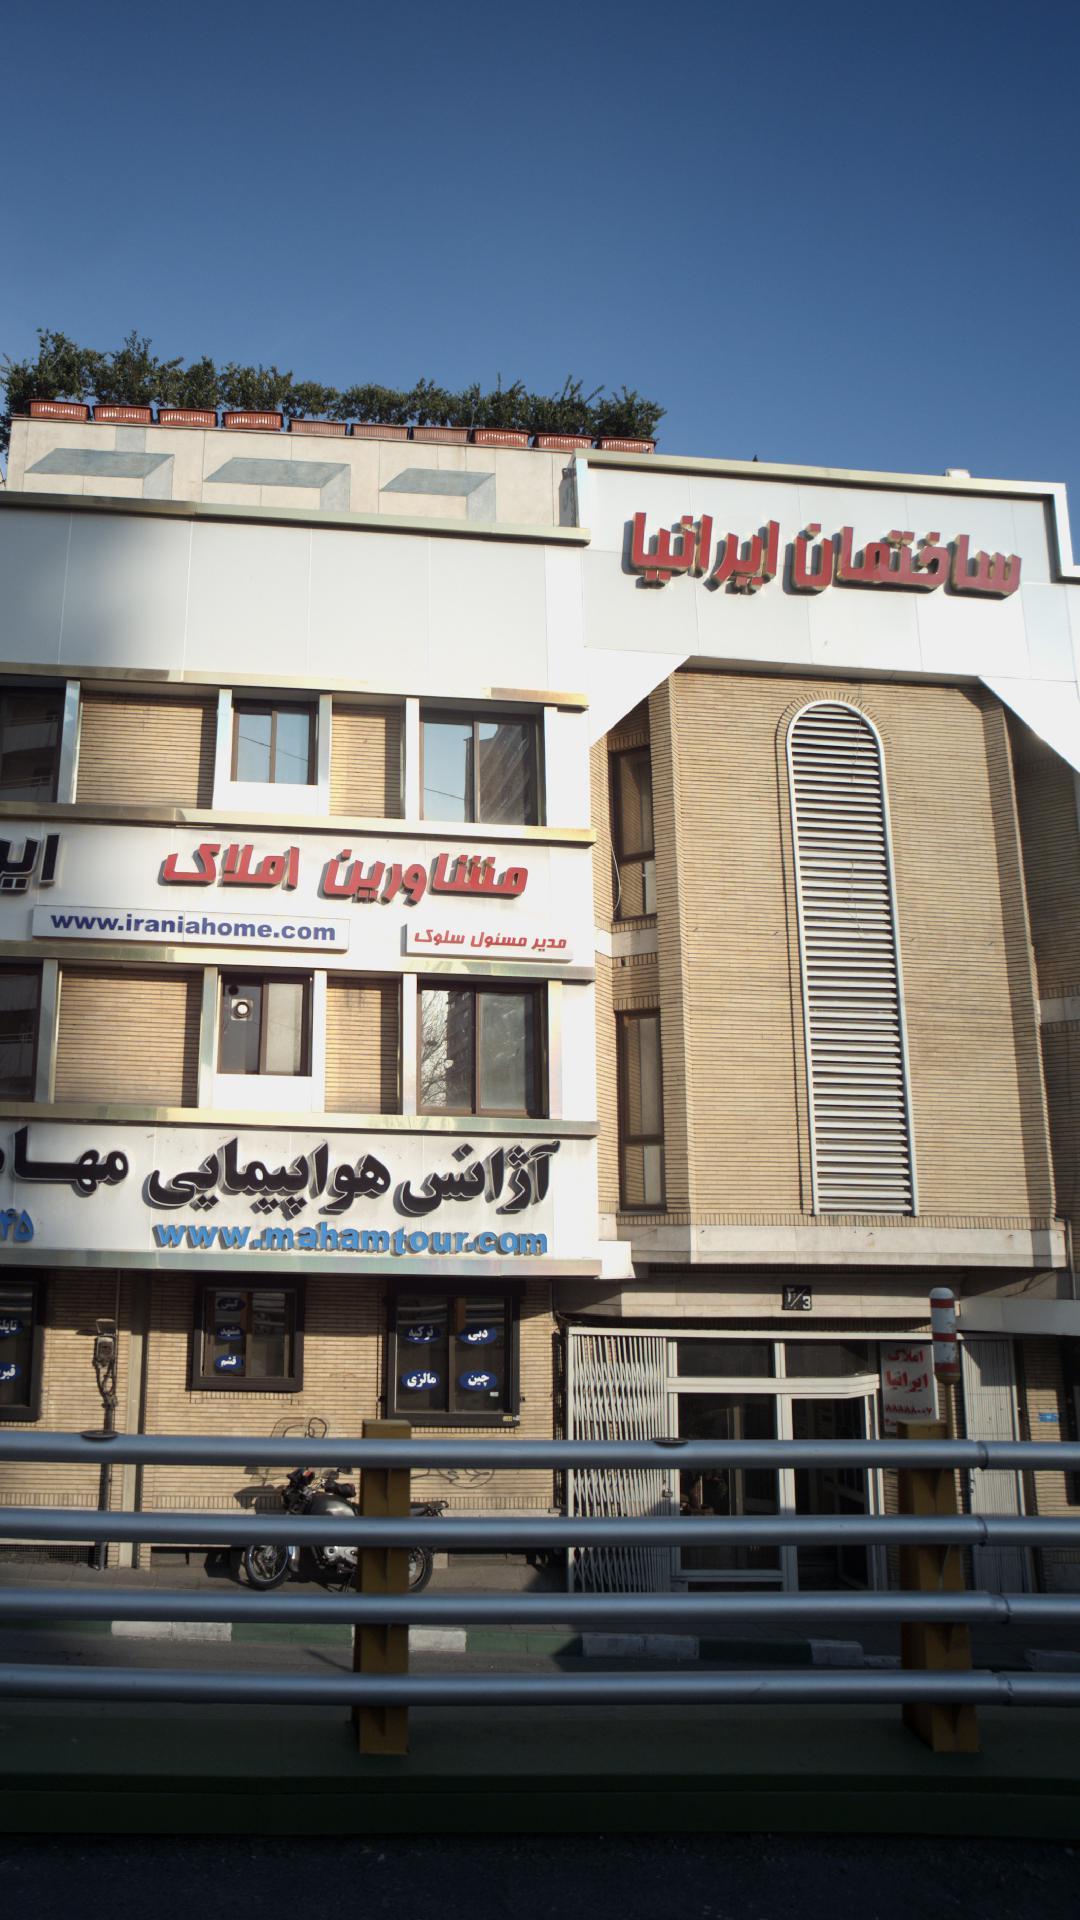 ساختمان ایرانیا